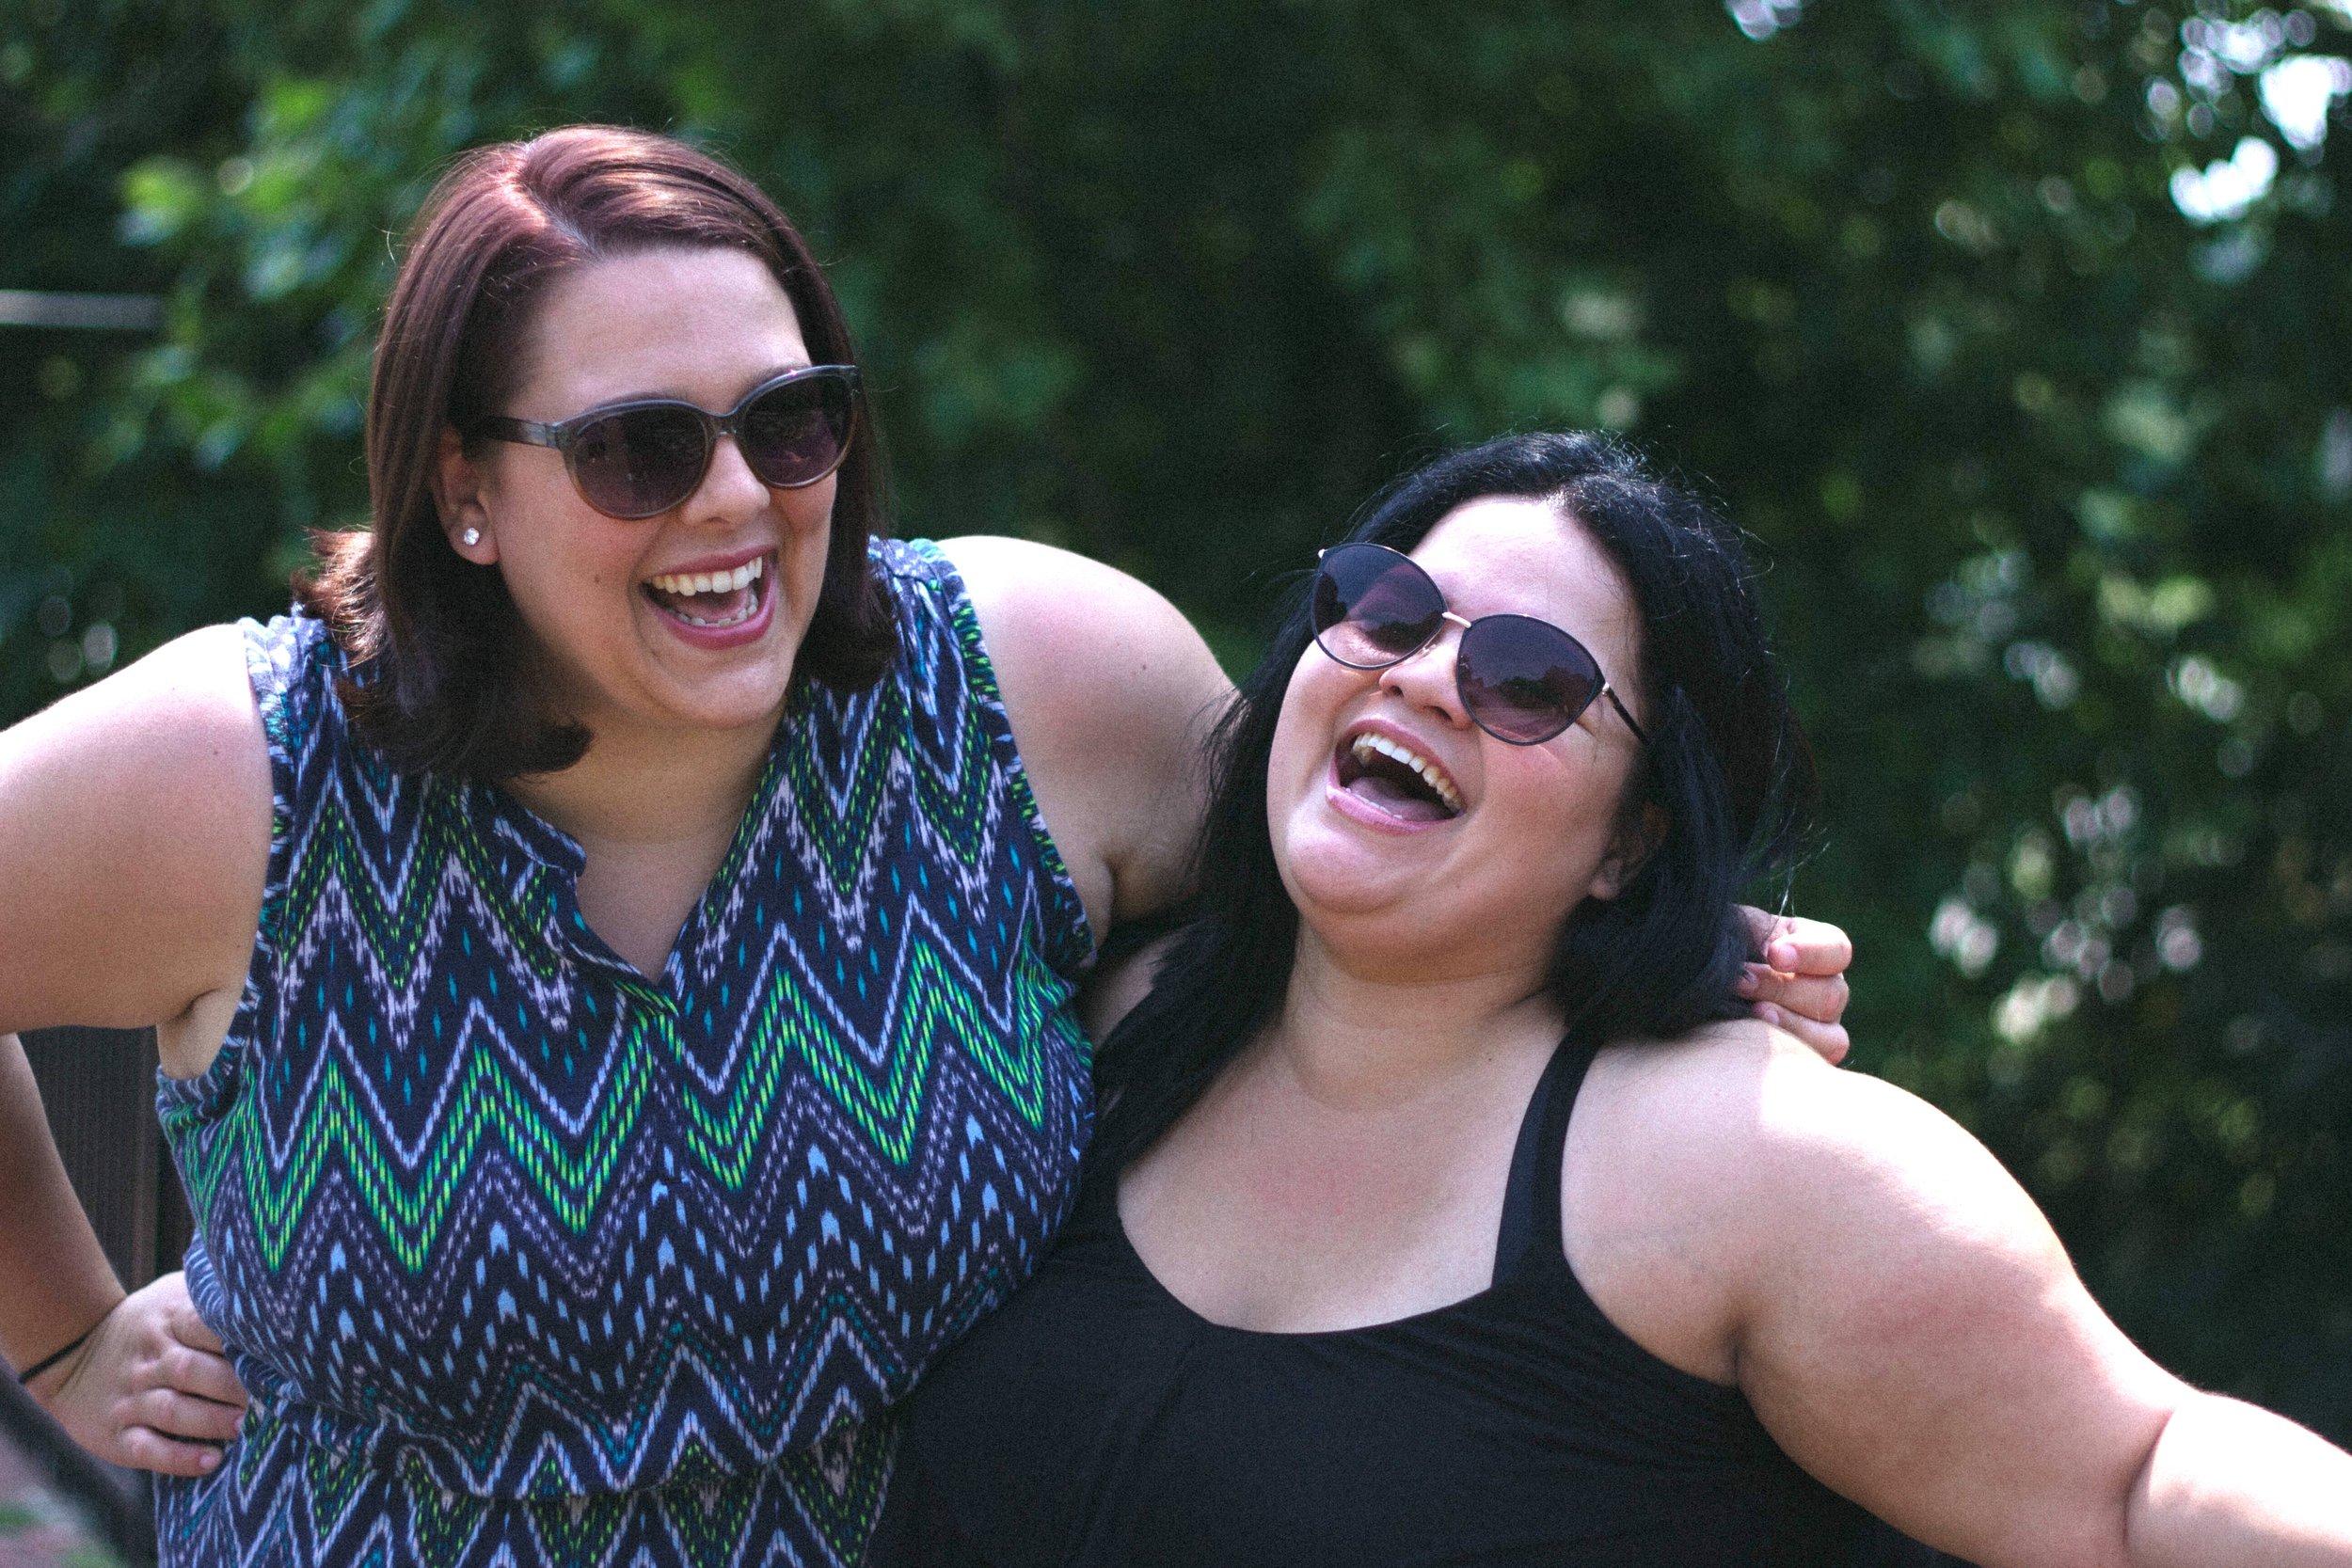 Two Women in Sunglasses_Twenty20.jpg